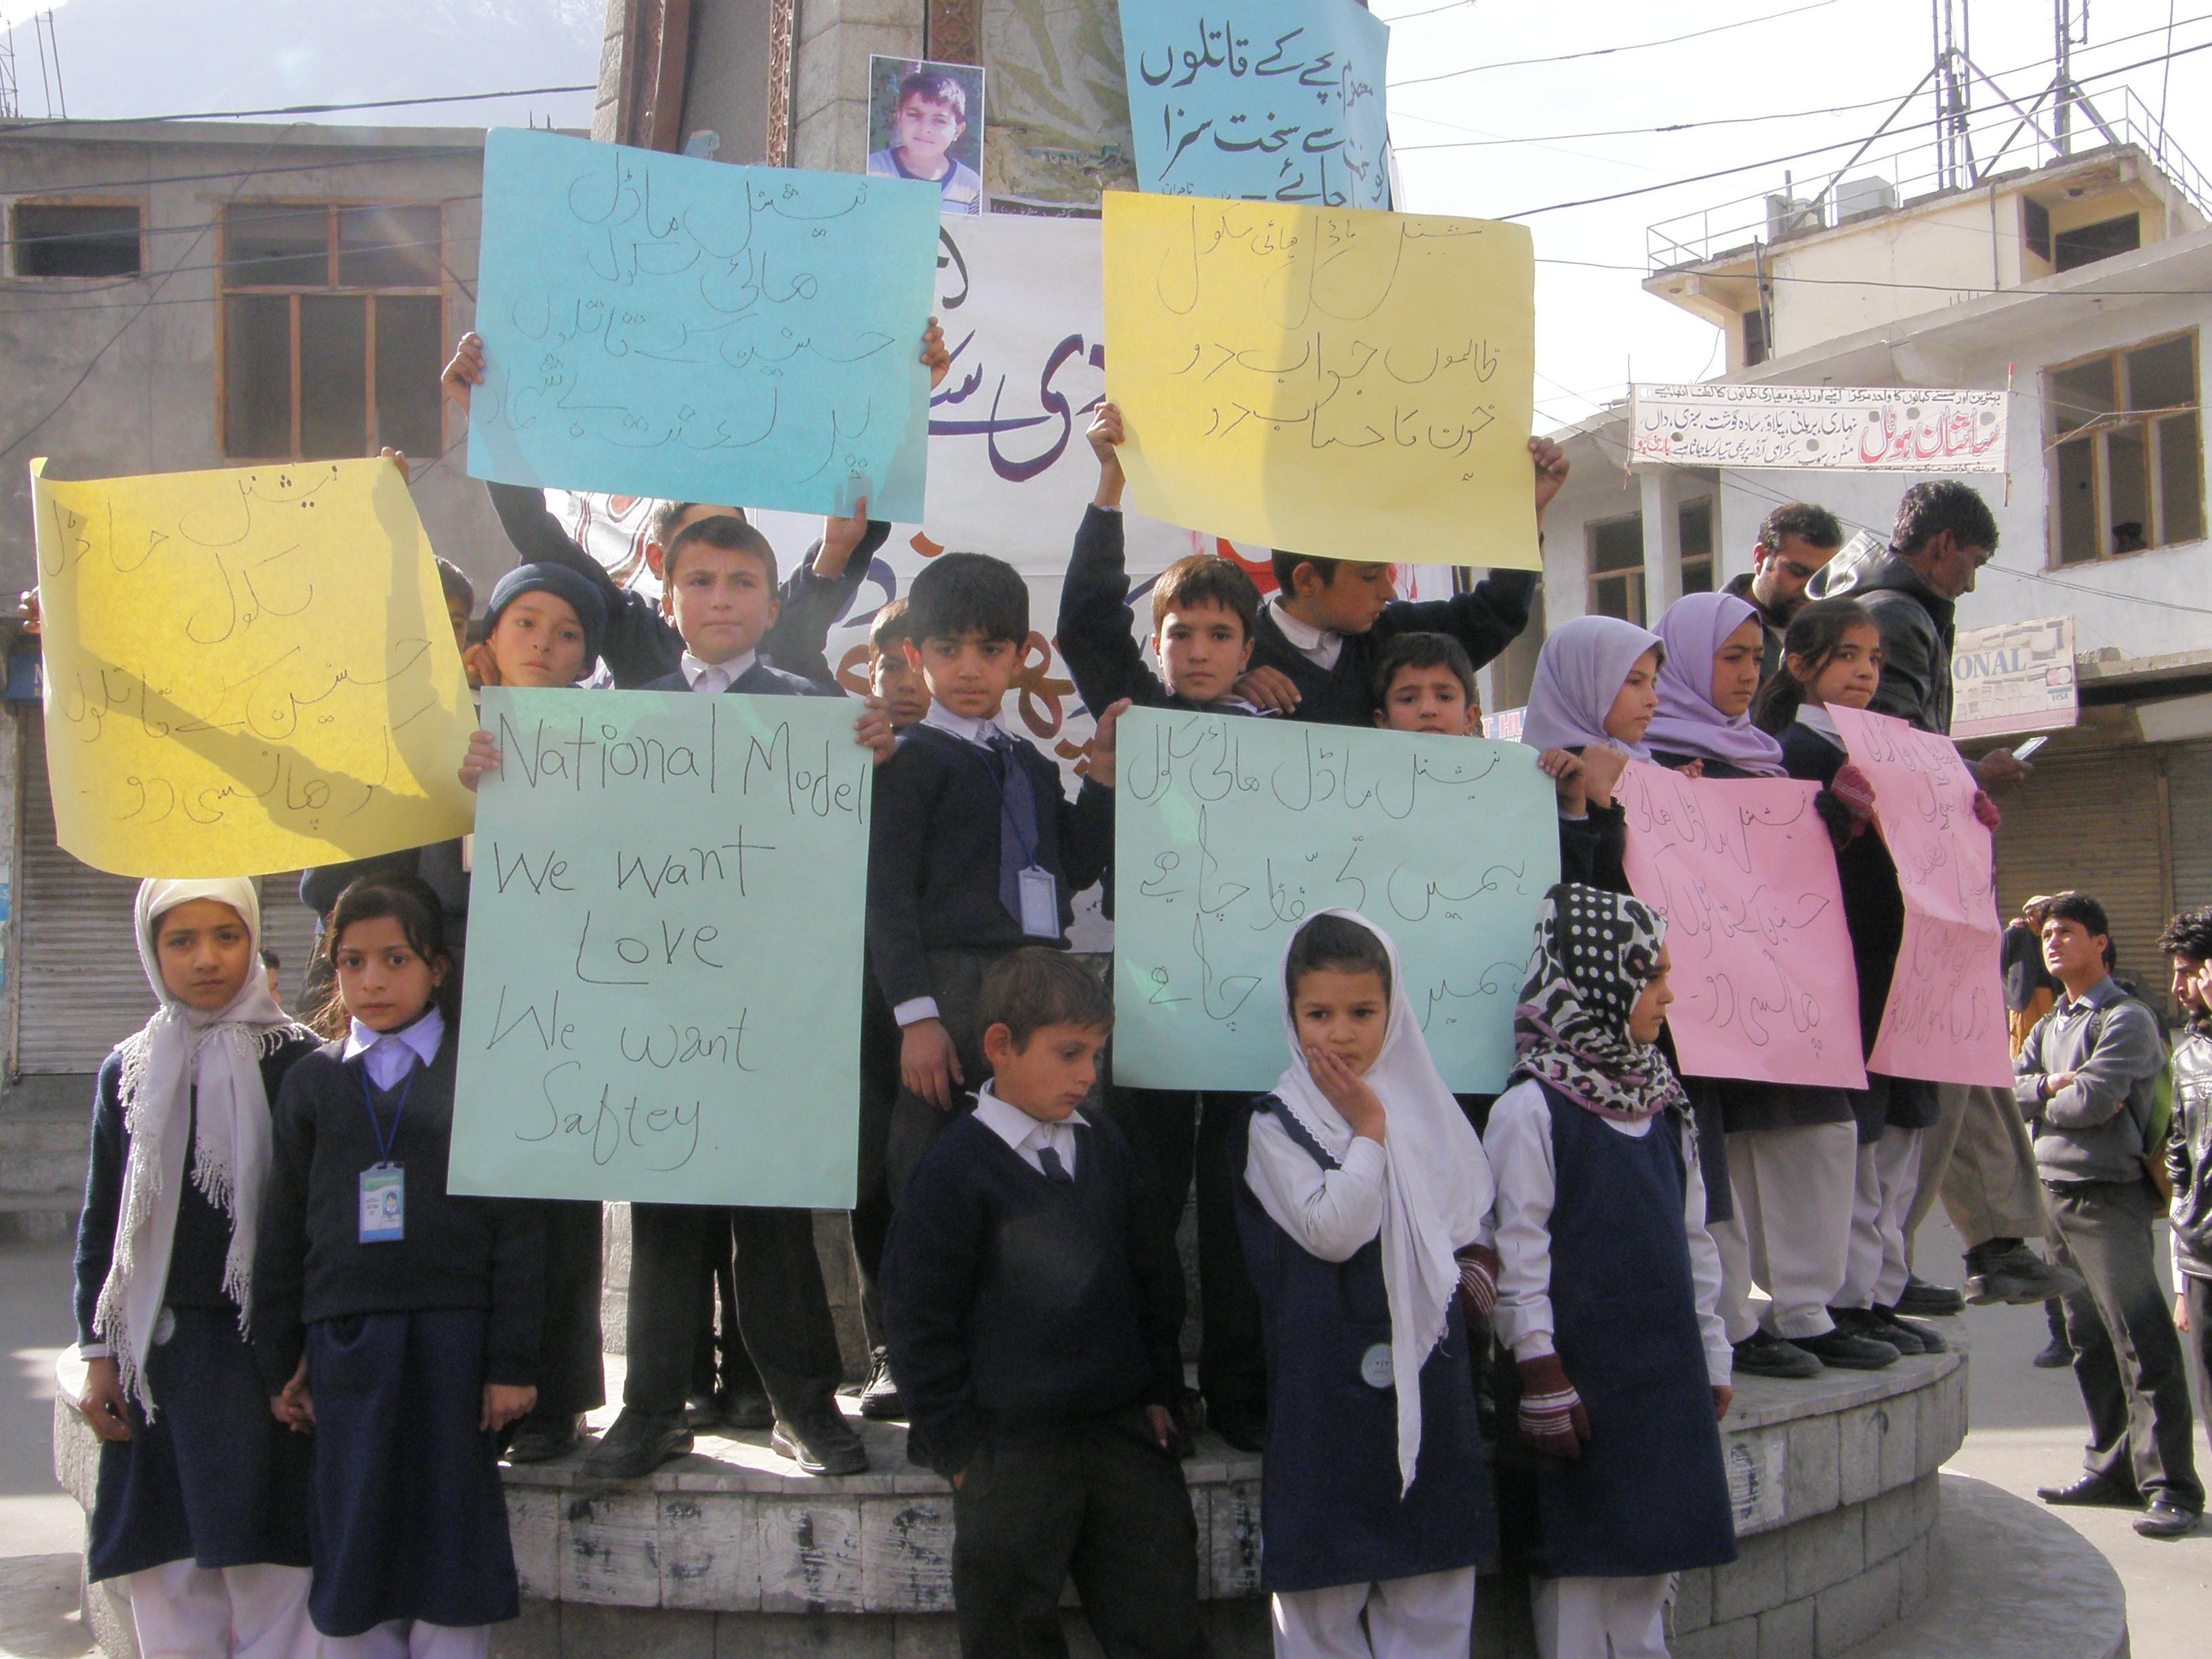 آٹھ سالہ حسنین کے بہیمانہ قتل کے خلاف گلگت کے باسی سڑکوں پر نکل آئے